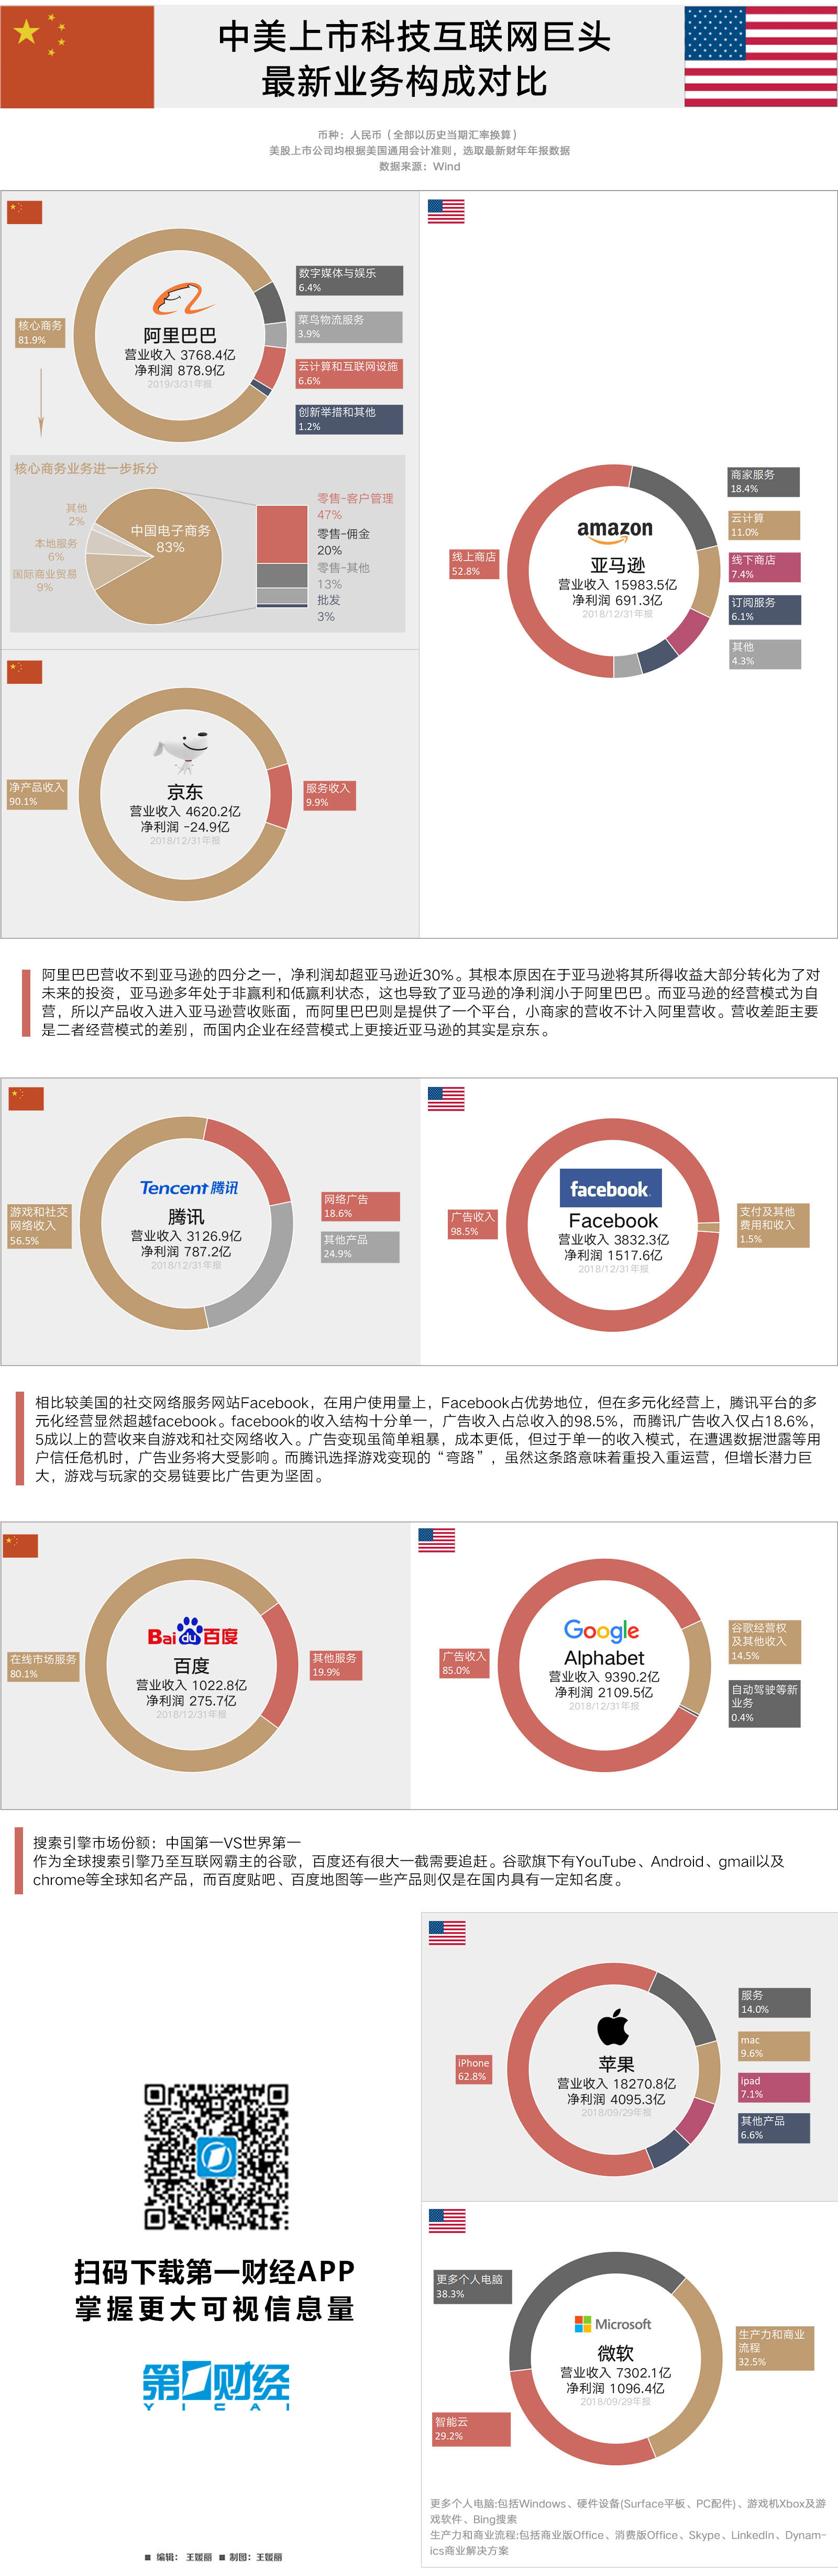 http://www.weixinrensheng.com/kejika/293435.html